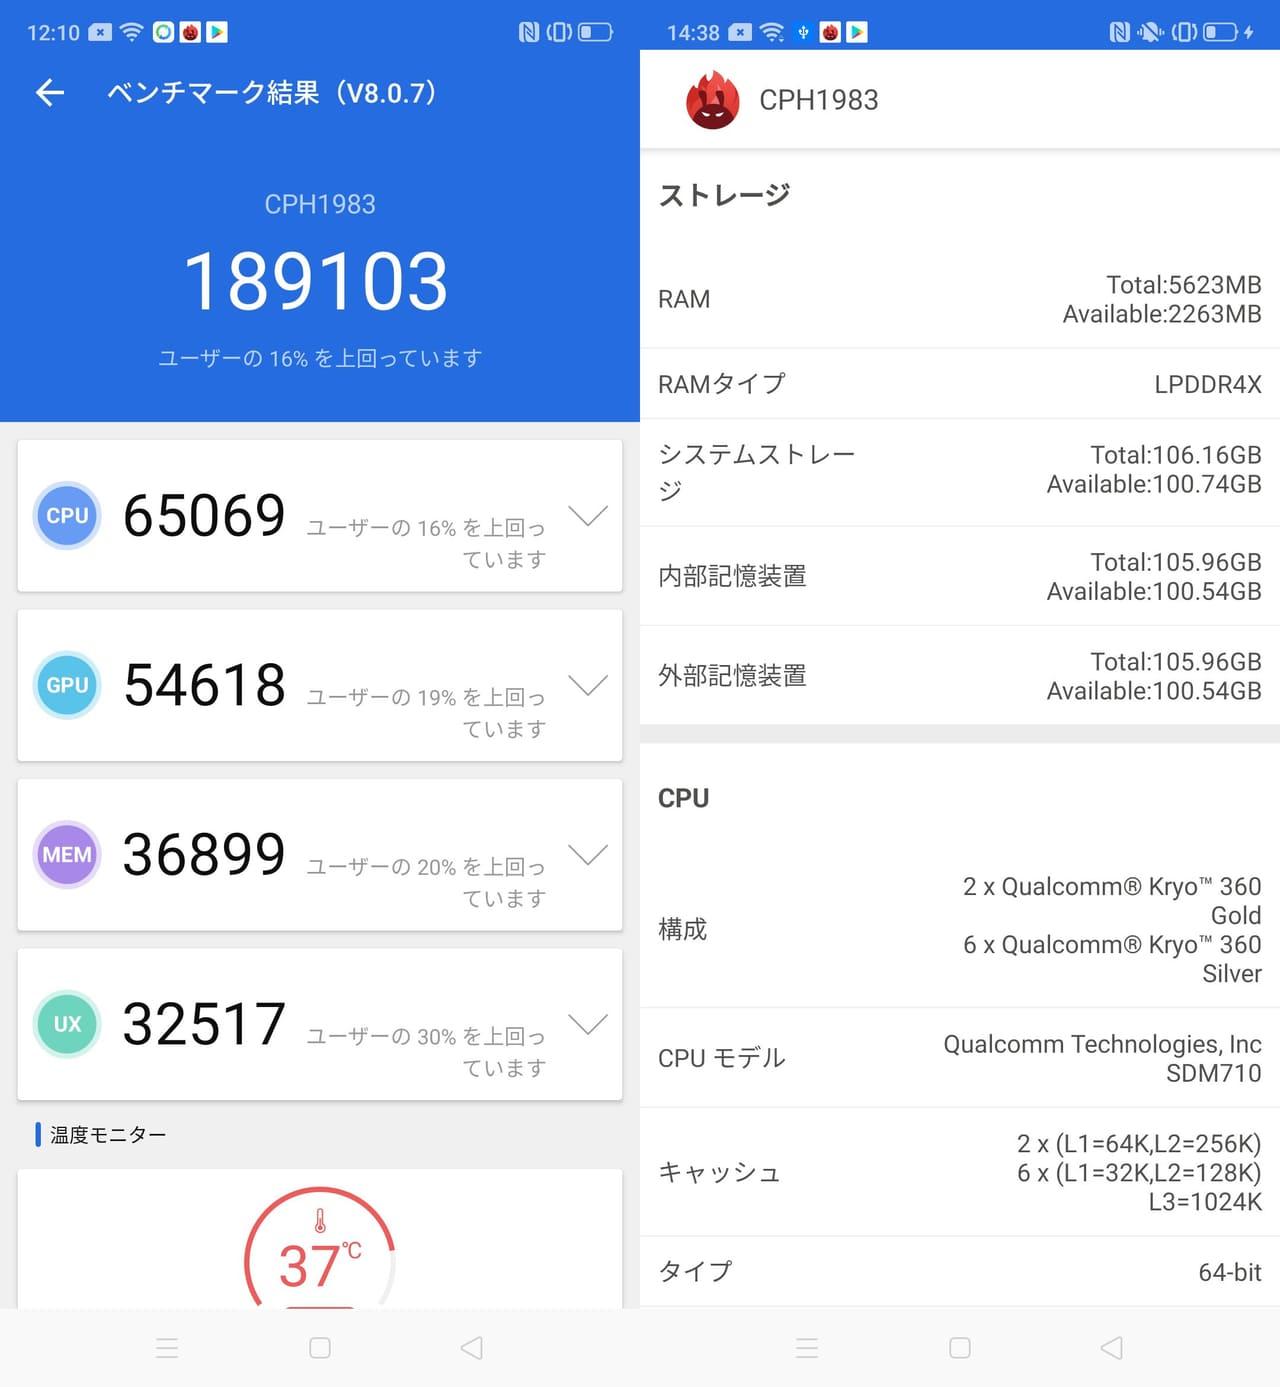 OPPO reno A(Android 9)実機AnTuTuベンチマークスコアは総合が189103点、3D性能が54618点。